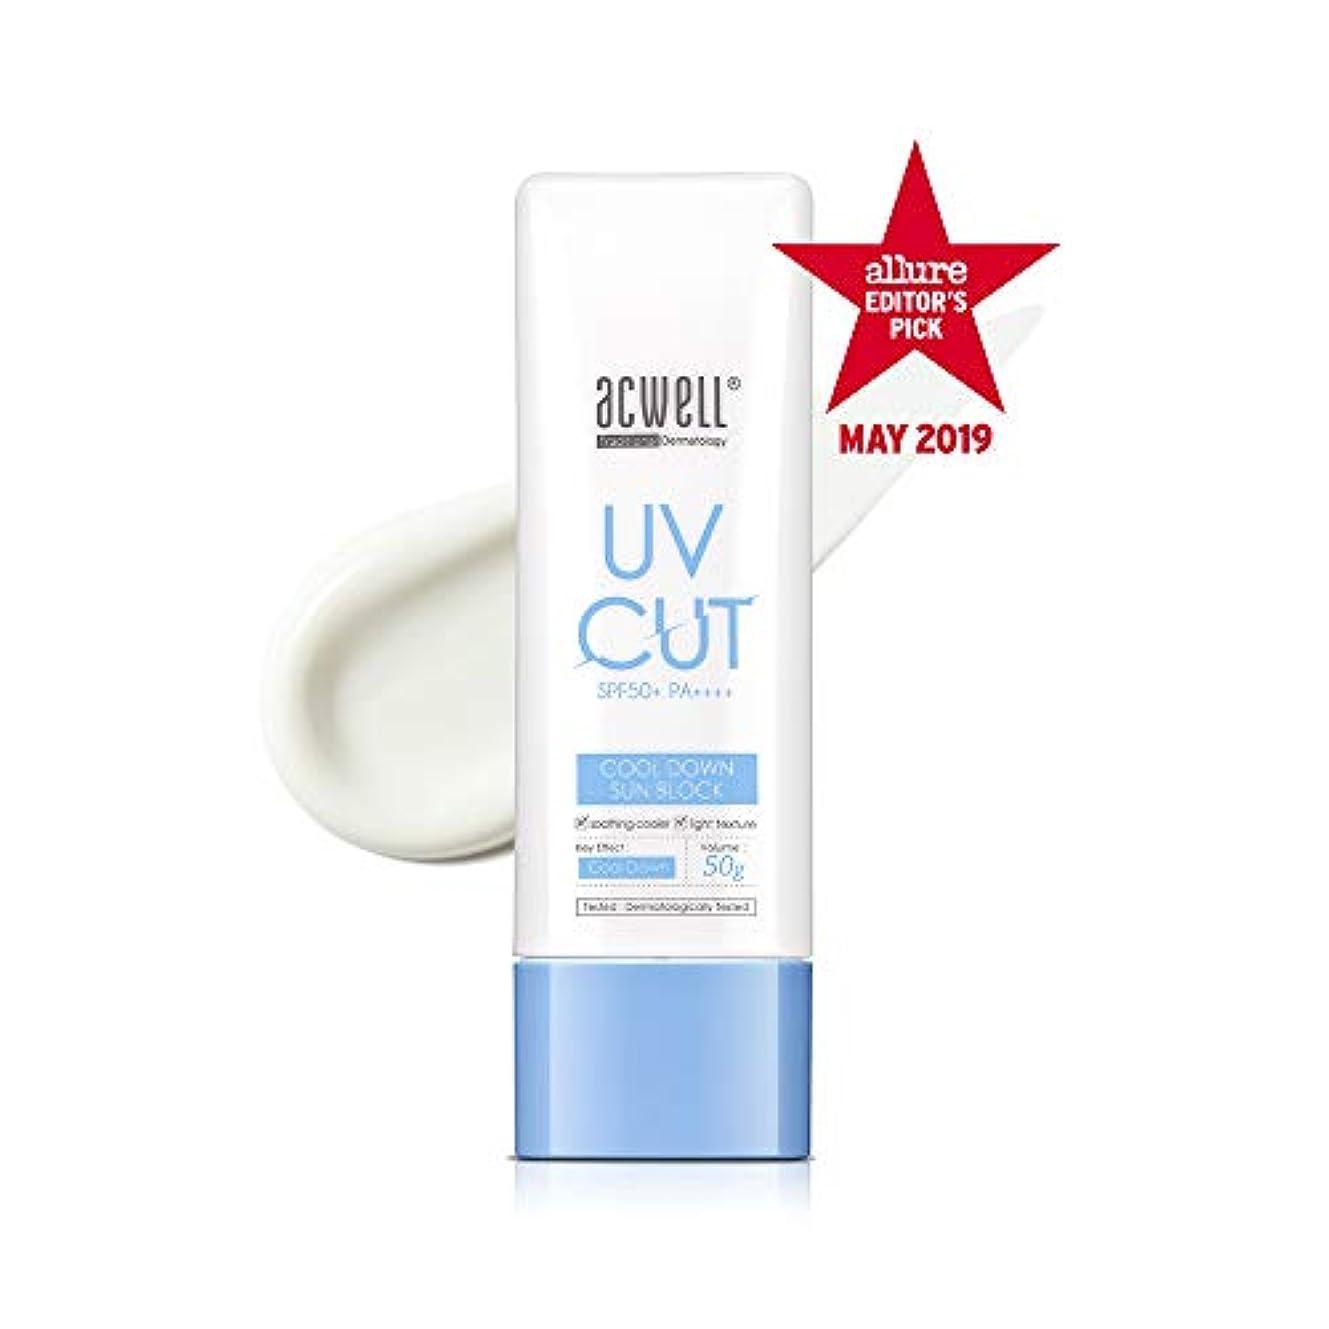 レモンコーンウォール正当なアクウェル ACWELL UV Cut Cool Down Sun Block クールダウン サンブロック 50g, SPF50+ PA++++ [Made in Korea]